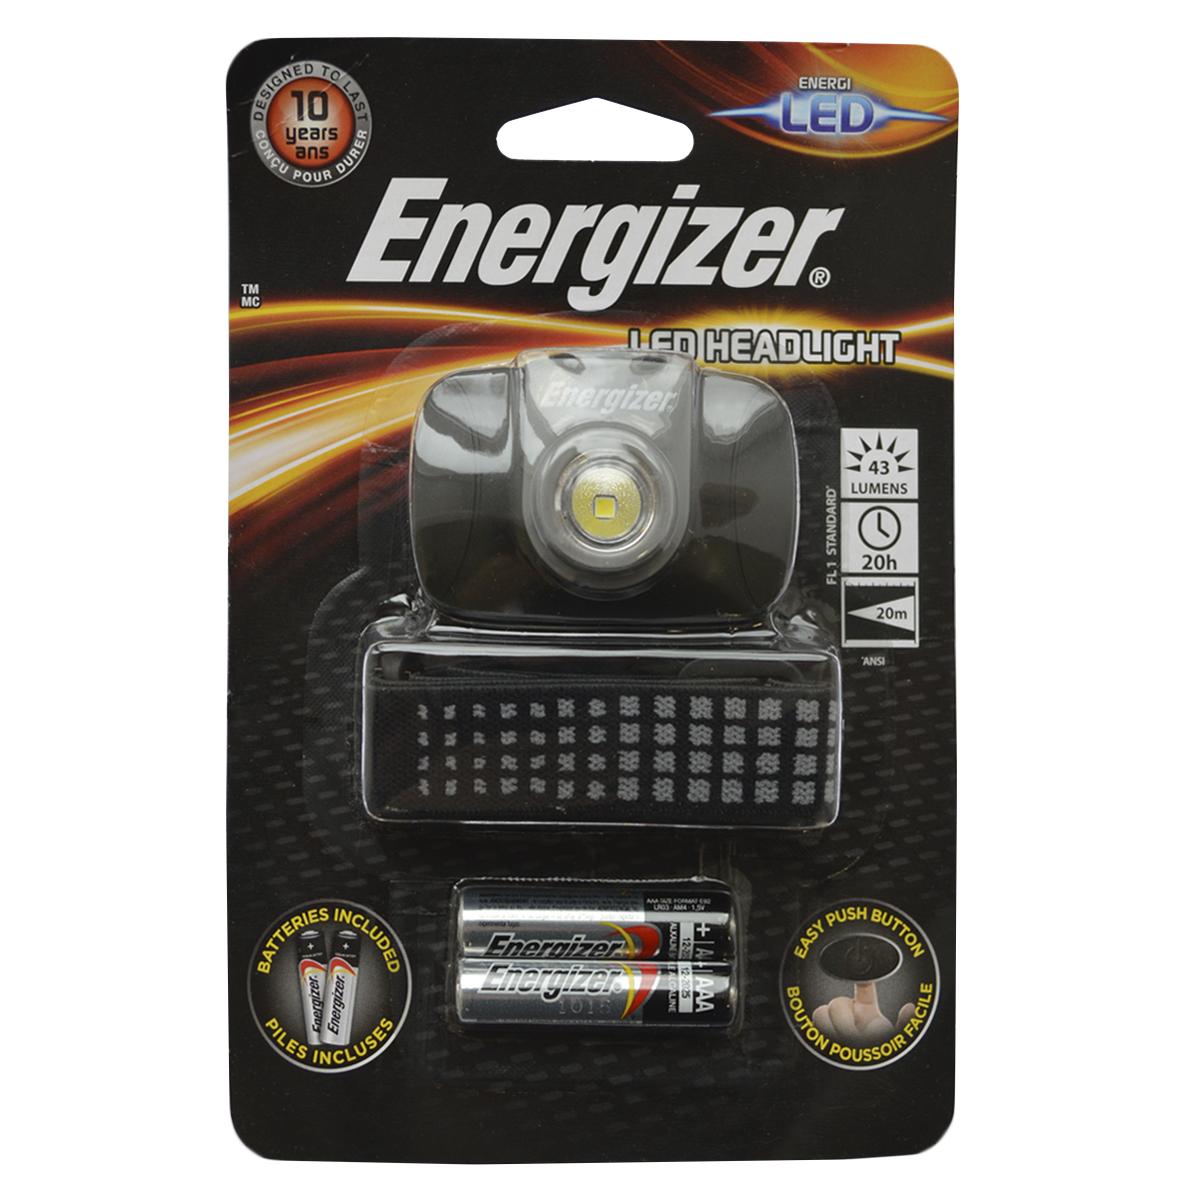 Фонарь налобный Energizer LED Headlight. E300370900E300370900Компактного размера Легкий для комфортного использования Регулируемый ремешок Удобный переключатель включения/выключения Решение на каждый день, позволяющее держать руки свободными Работает на 2 батарейках типоразмера AAA (входят в комплект)